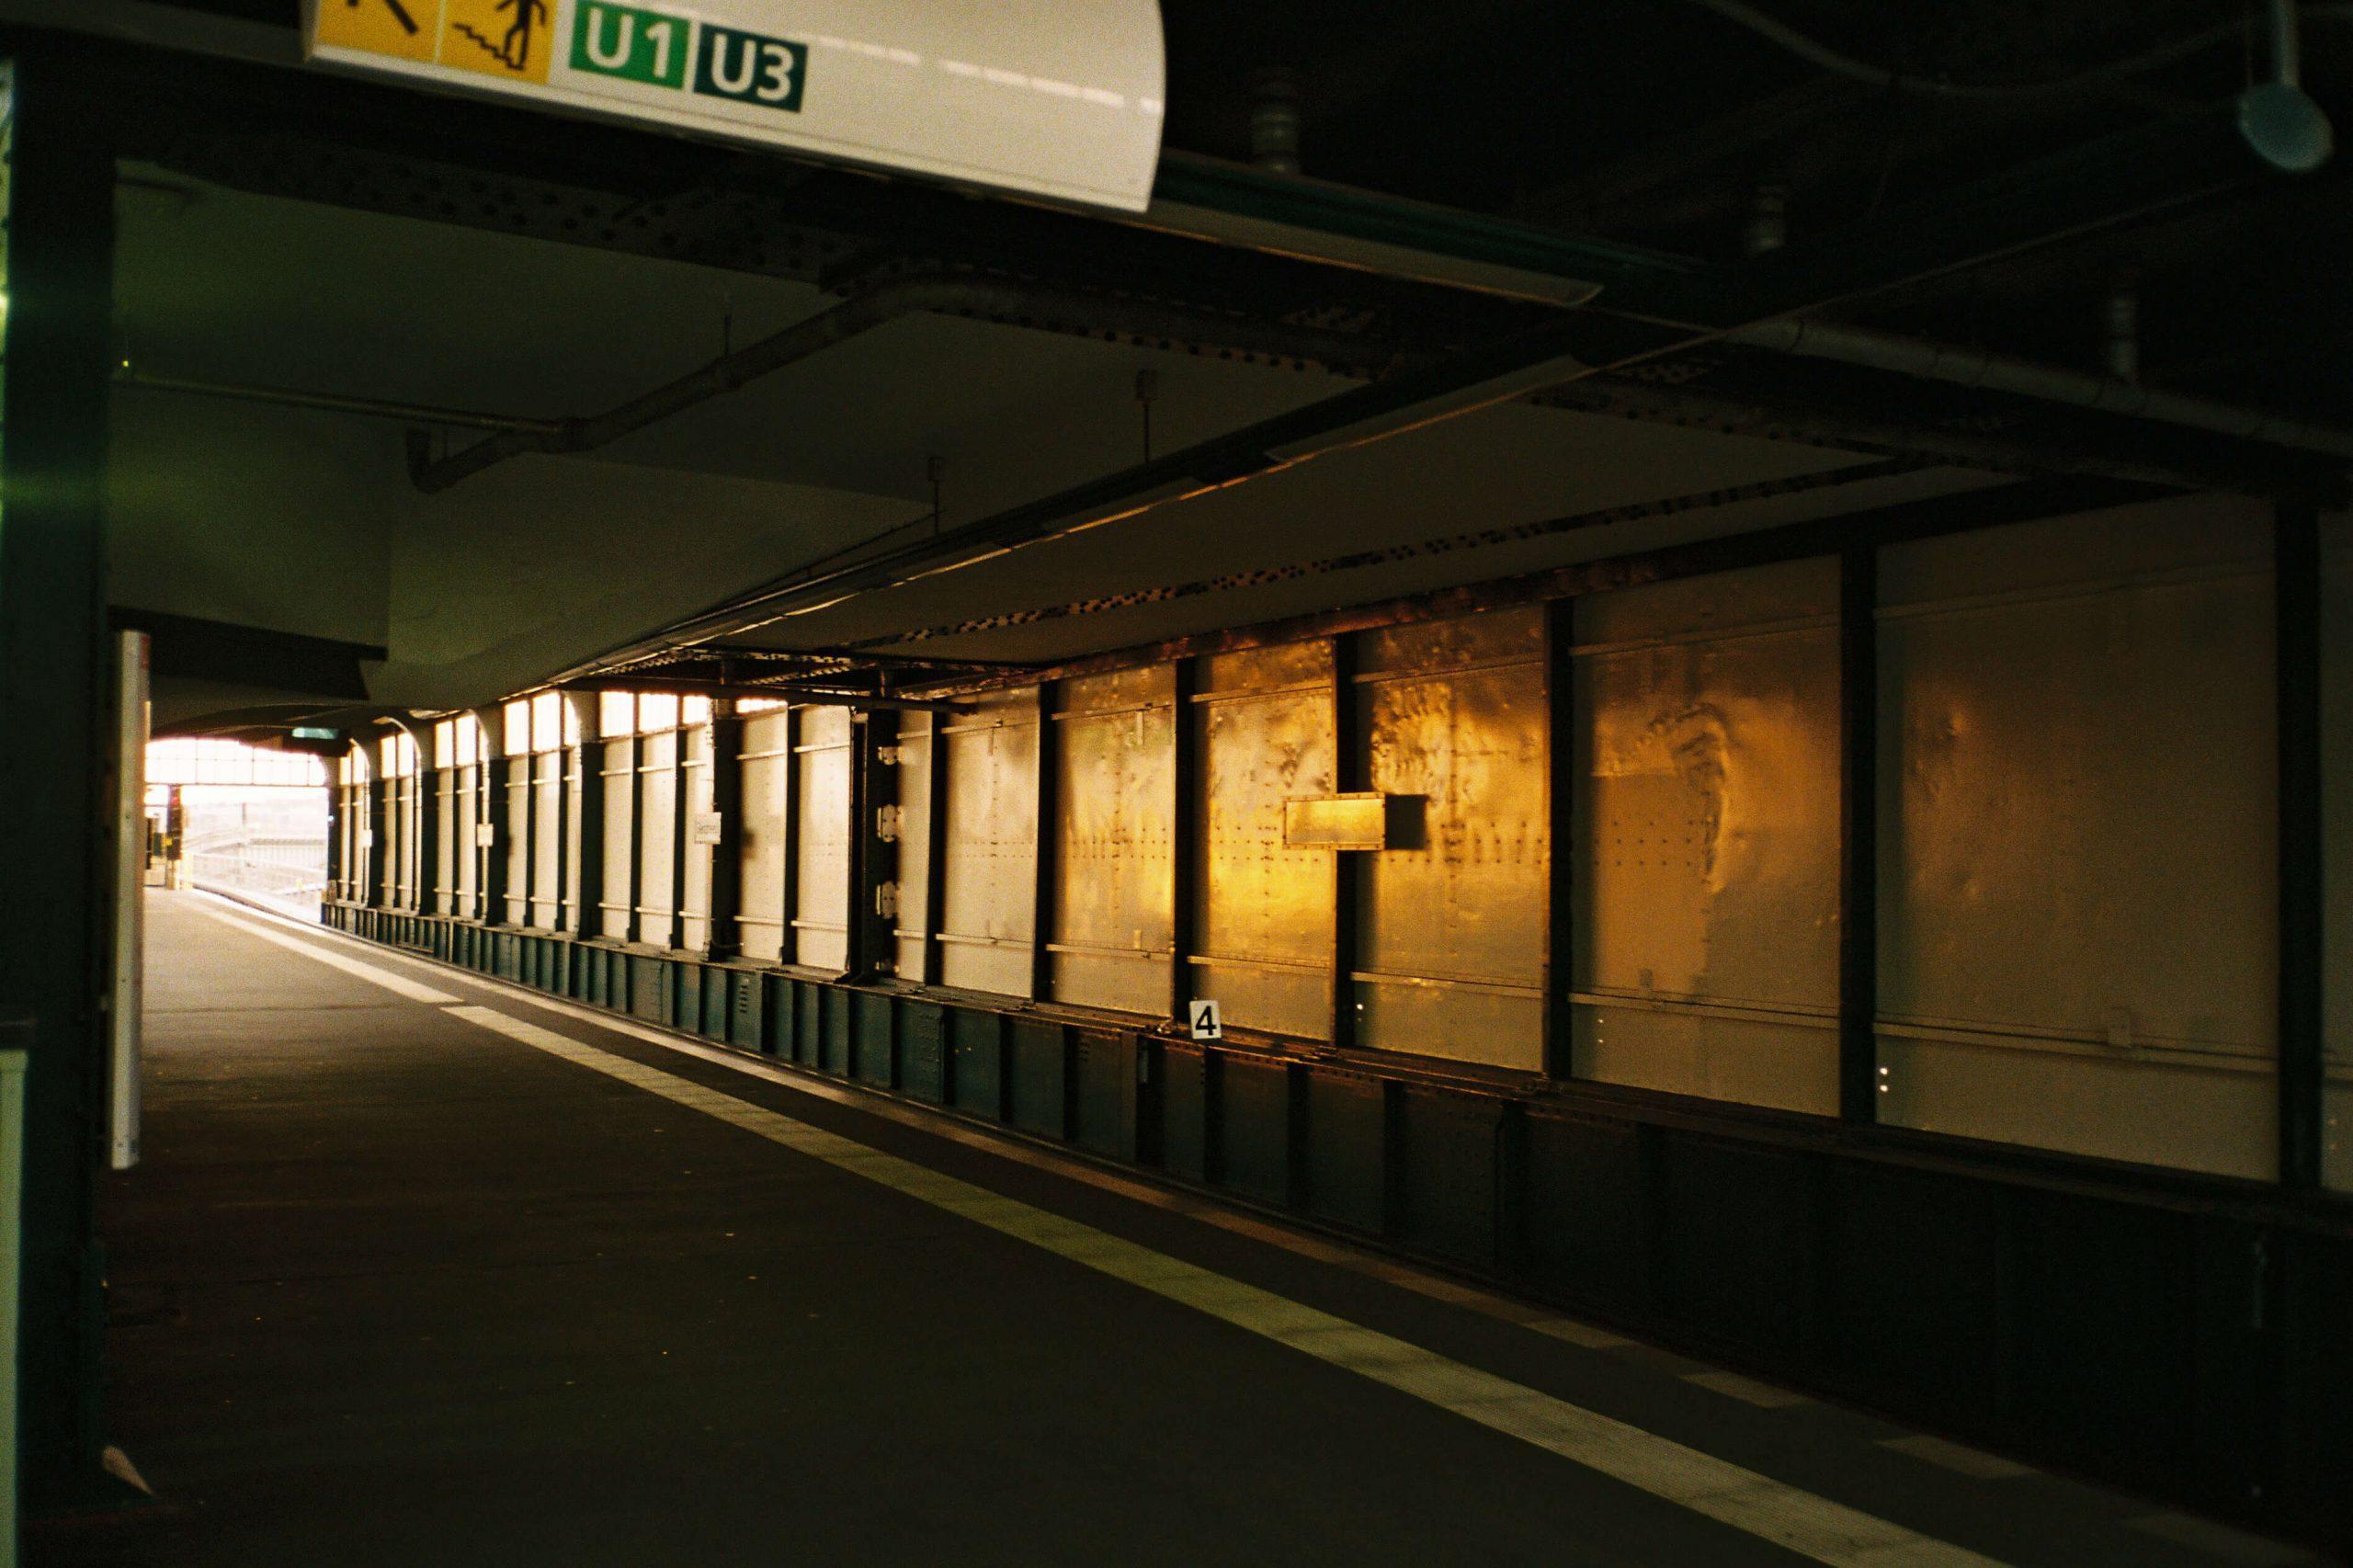 Licht eines Sonnenuntergangs spiegelt sich in der inneren Wand des U-Bahnhofs Gleisdreick in Berlin.